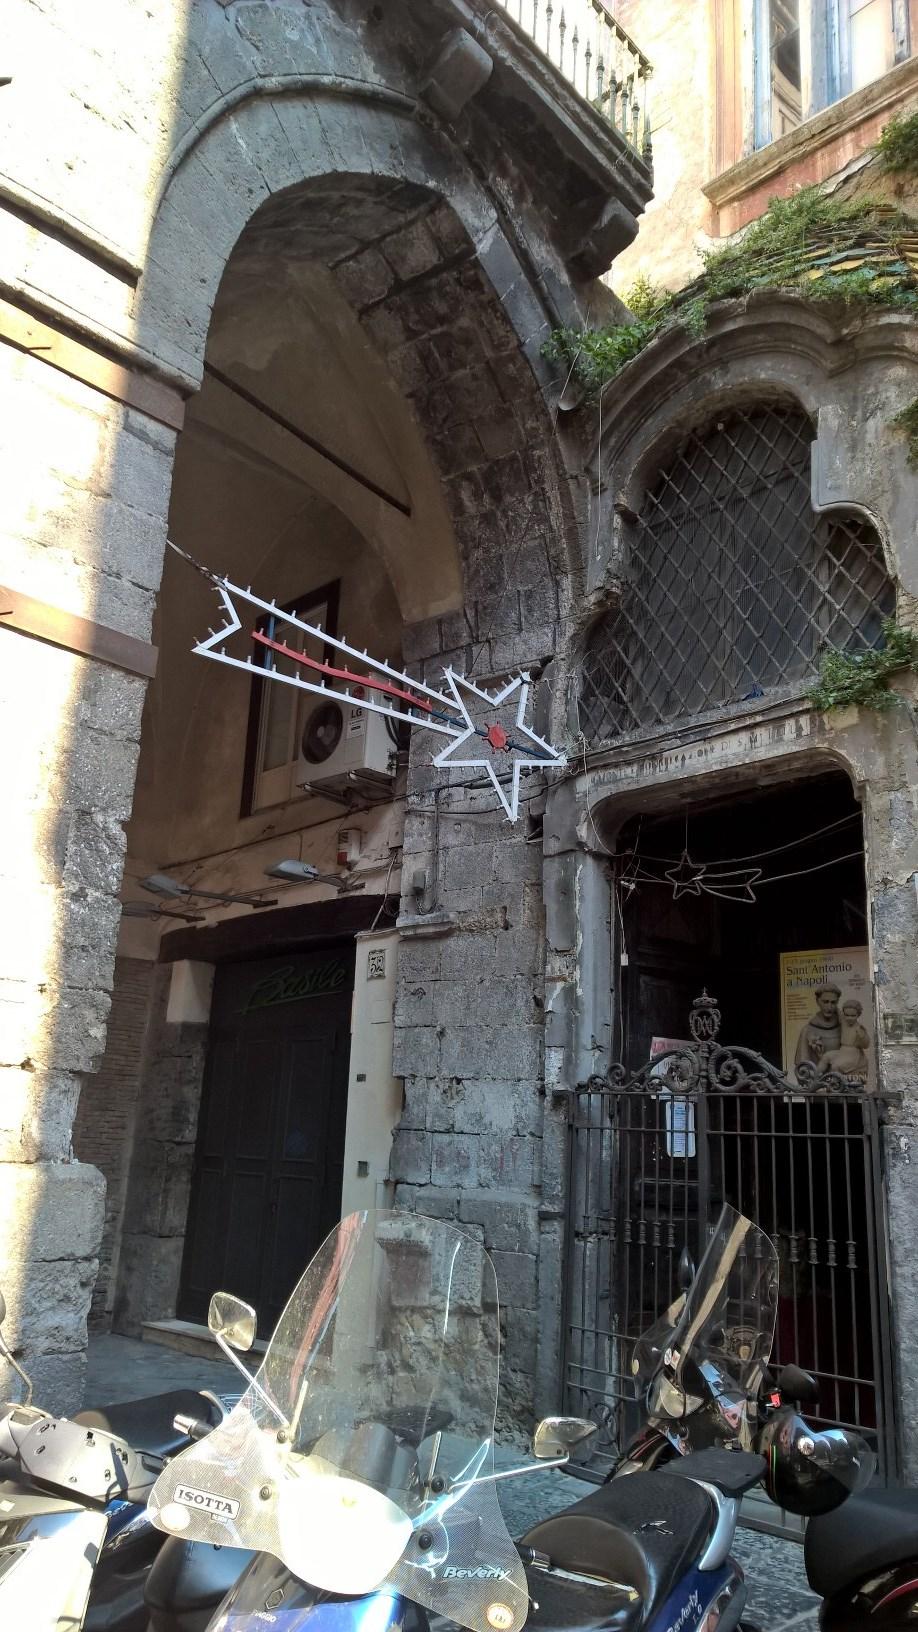 Chiesa dell'Arciconfraternita di Santa Maria della Sanità